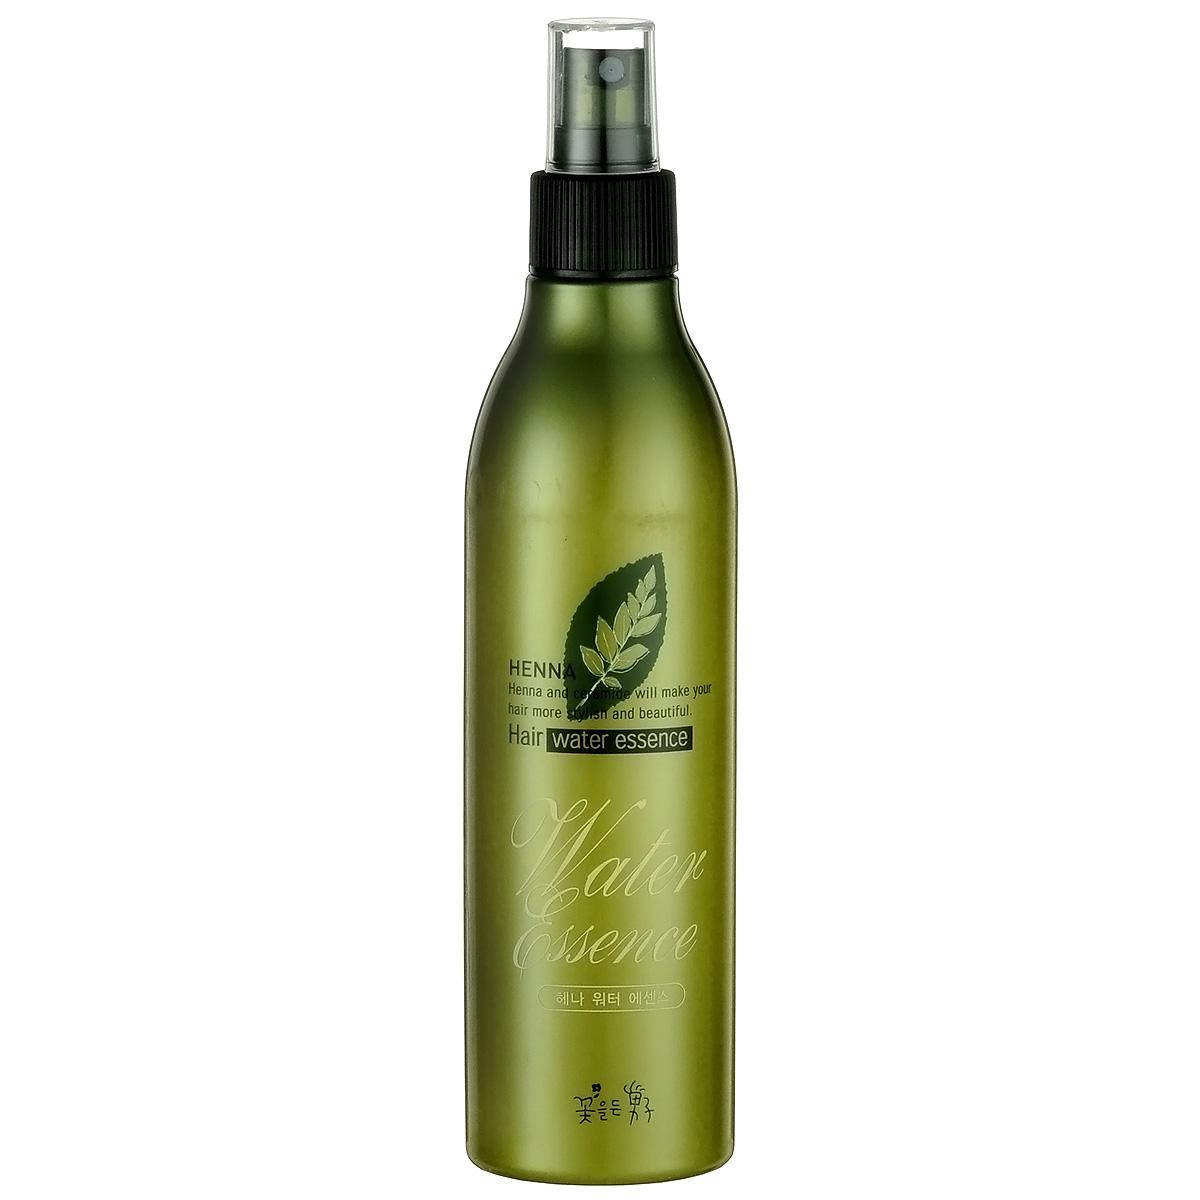 Somang Henna Увлажняющий флюид для волос, 300 мл9012585Обеспечивает волосам длительное увлажнение и питание. Дезодорирует волосы, защищая от запахов табака, пищи и пр. Содержит экстракт ламинарии, гидролизованный кератин и керамид. Для всех типов волос. Подходит для ежедневного использования.